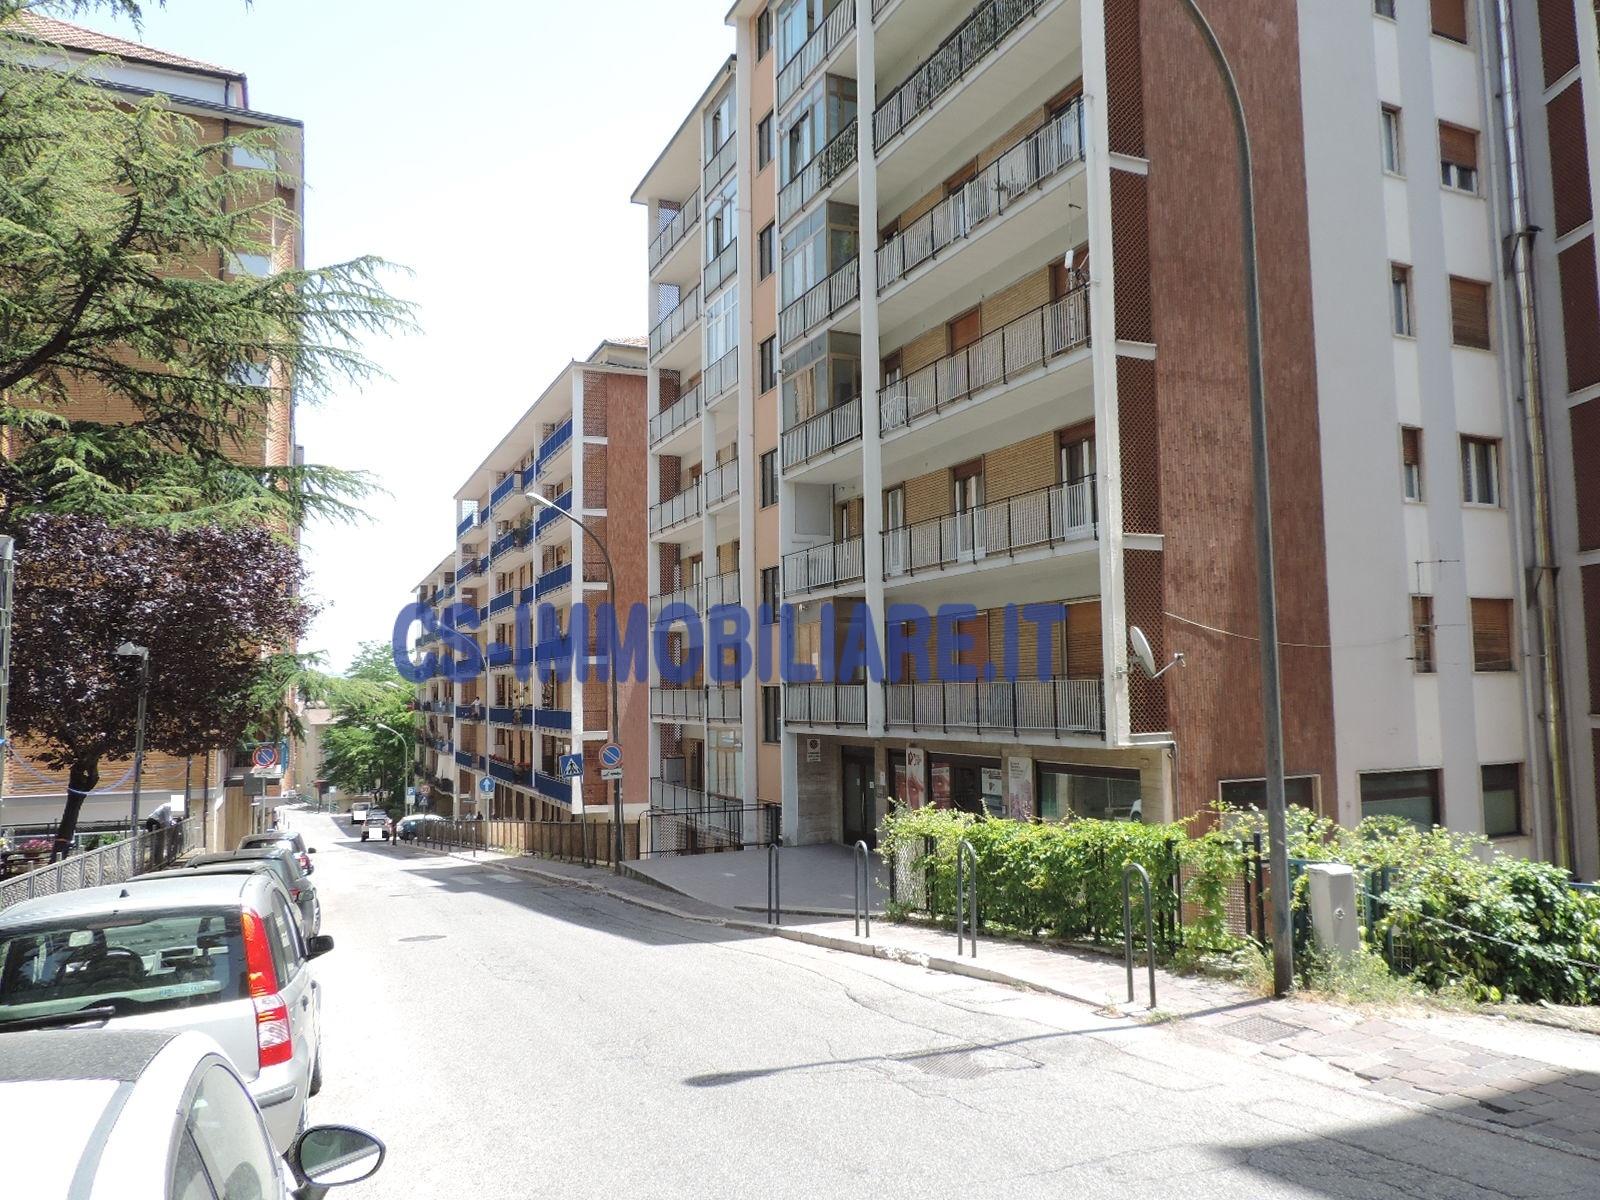 Appartamento in affitto a Potenza, 5 locali, zona Zona: Semicentro, prezzo € 400 | CambioCasa.it